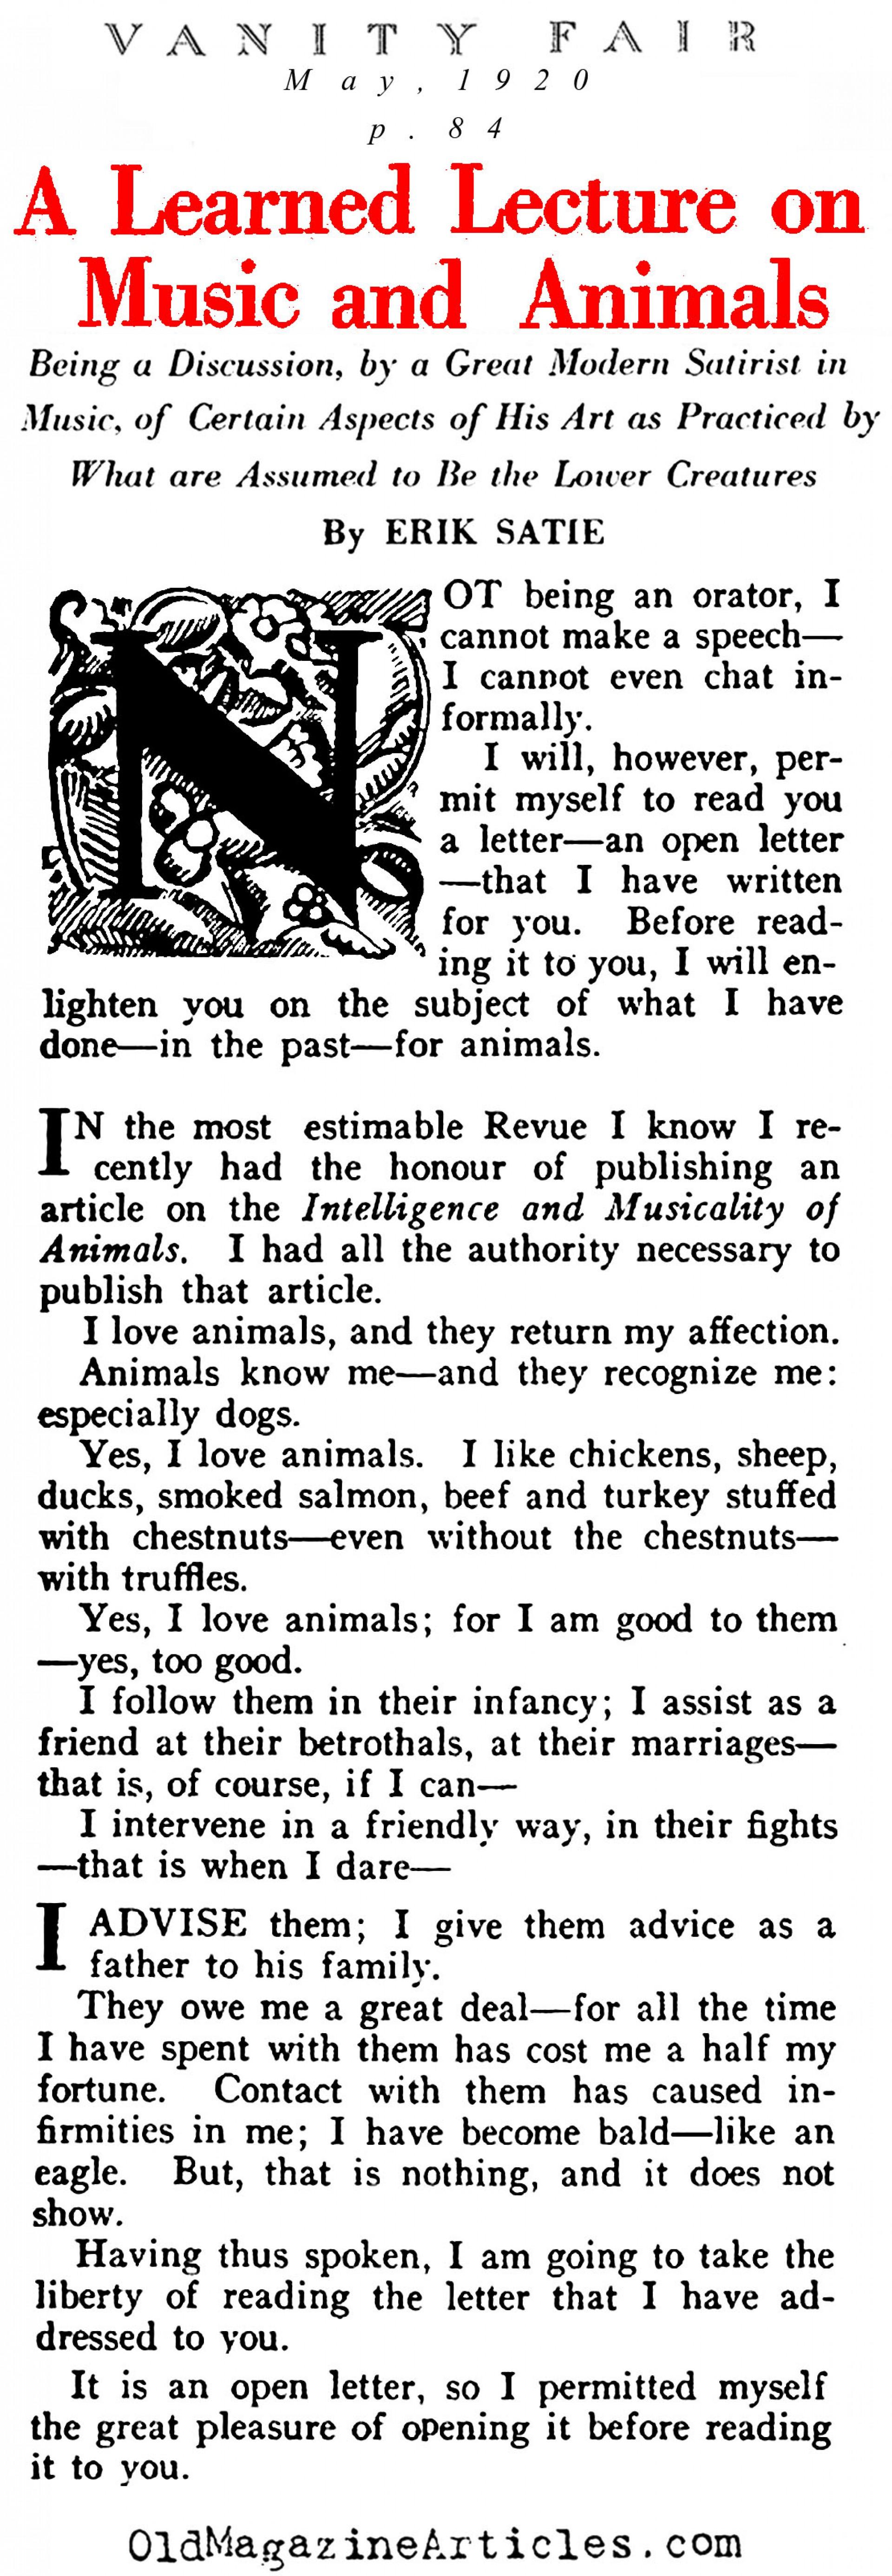 002 Essay On Vanity Example Music Animals 0001 Stupendous Fair Topics Montaigne's 1920